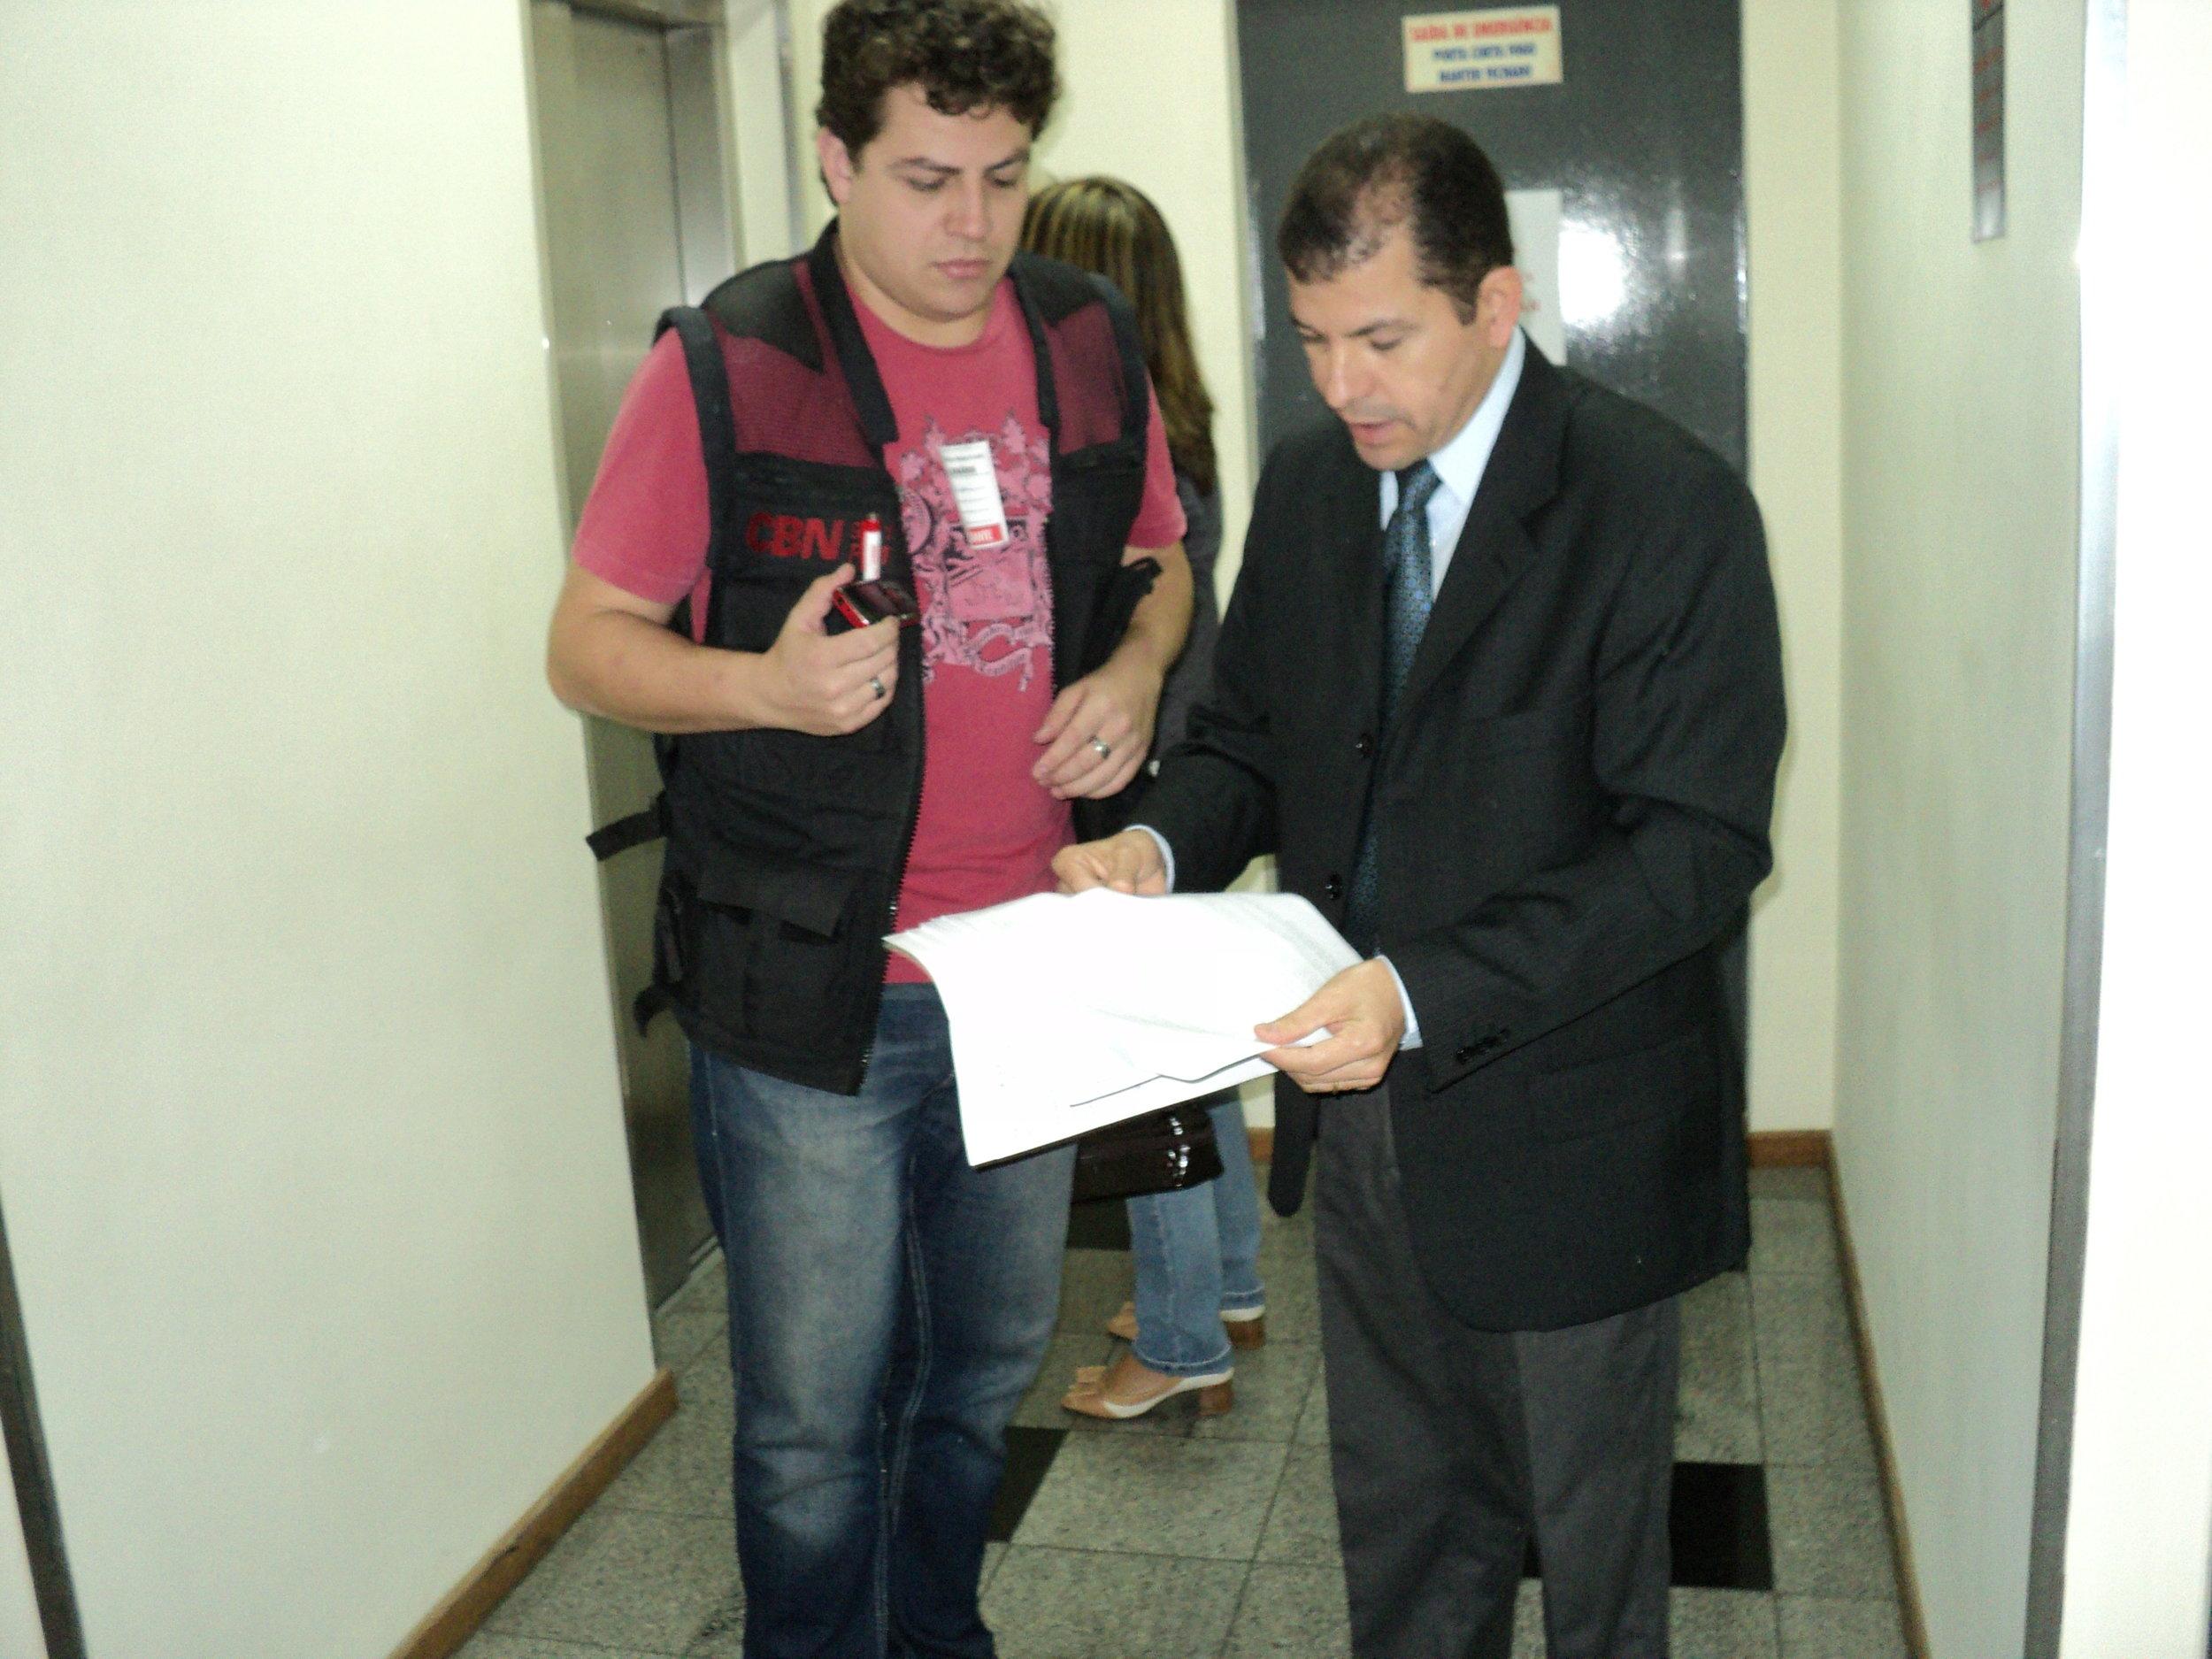 Entrevista CBN e BandNews (2).JPG